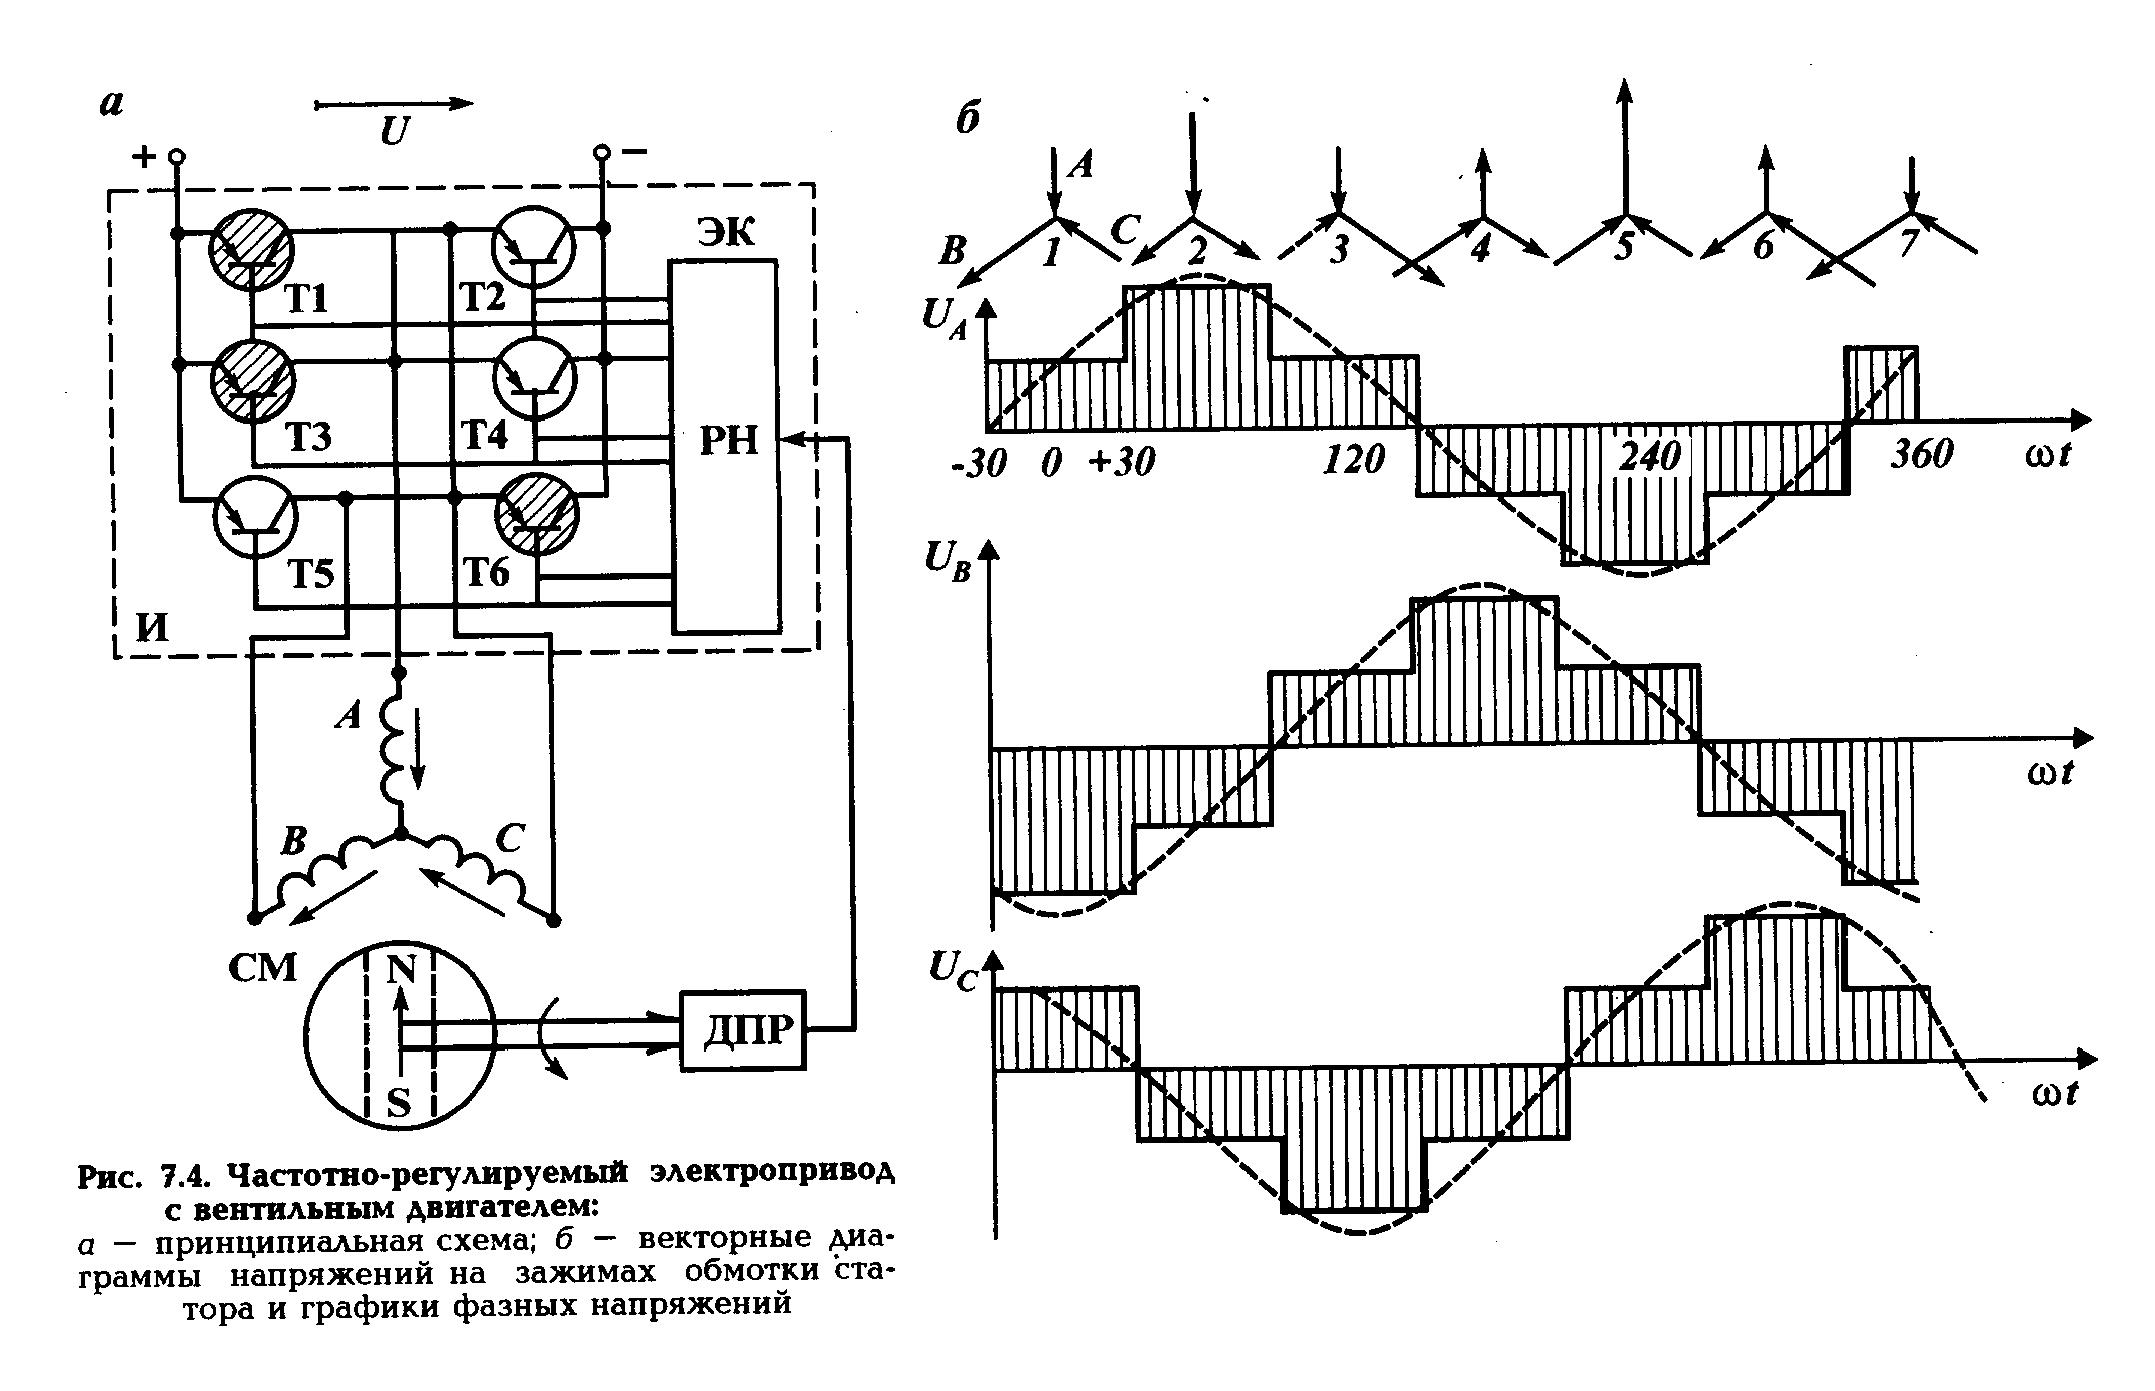 Использование асинхронных двигателей с фазным ротором в составе частотнорегулируемого электропривода